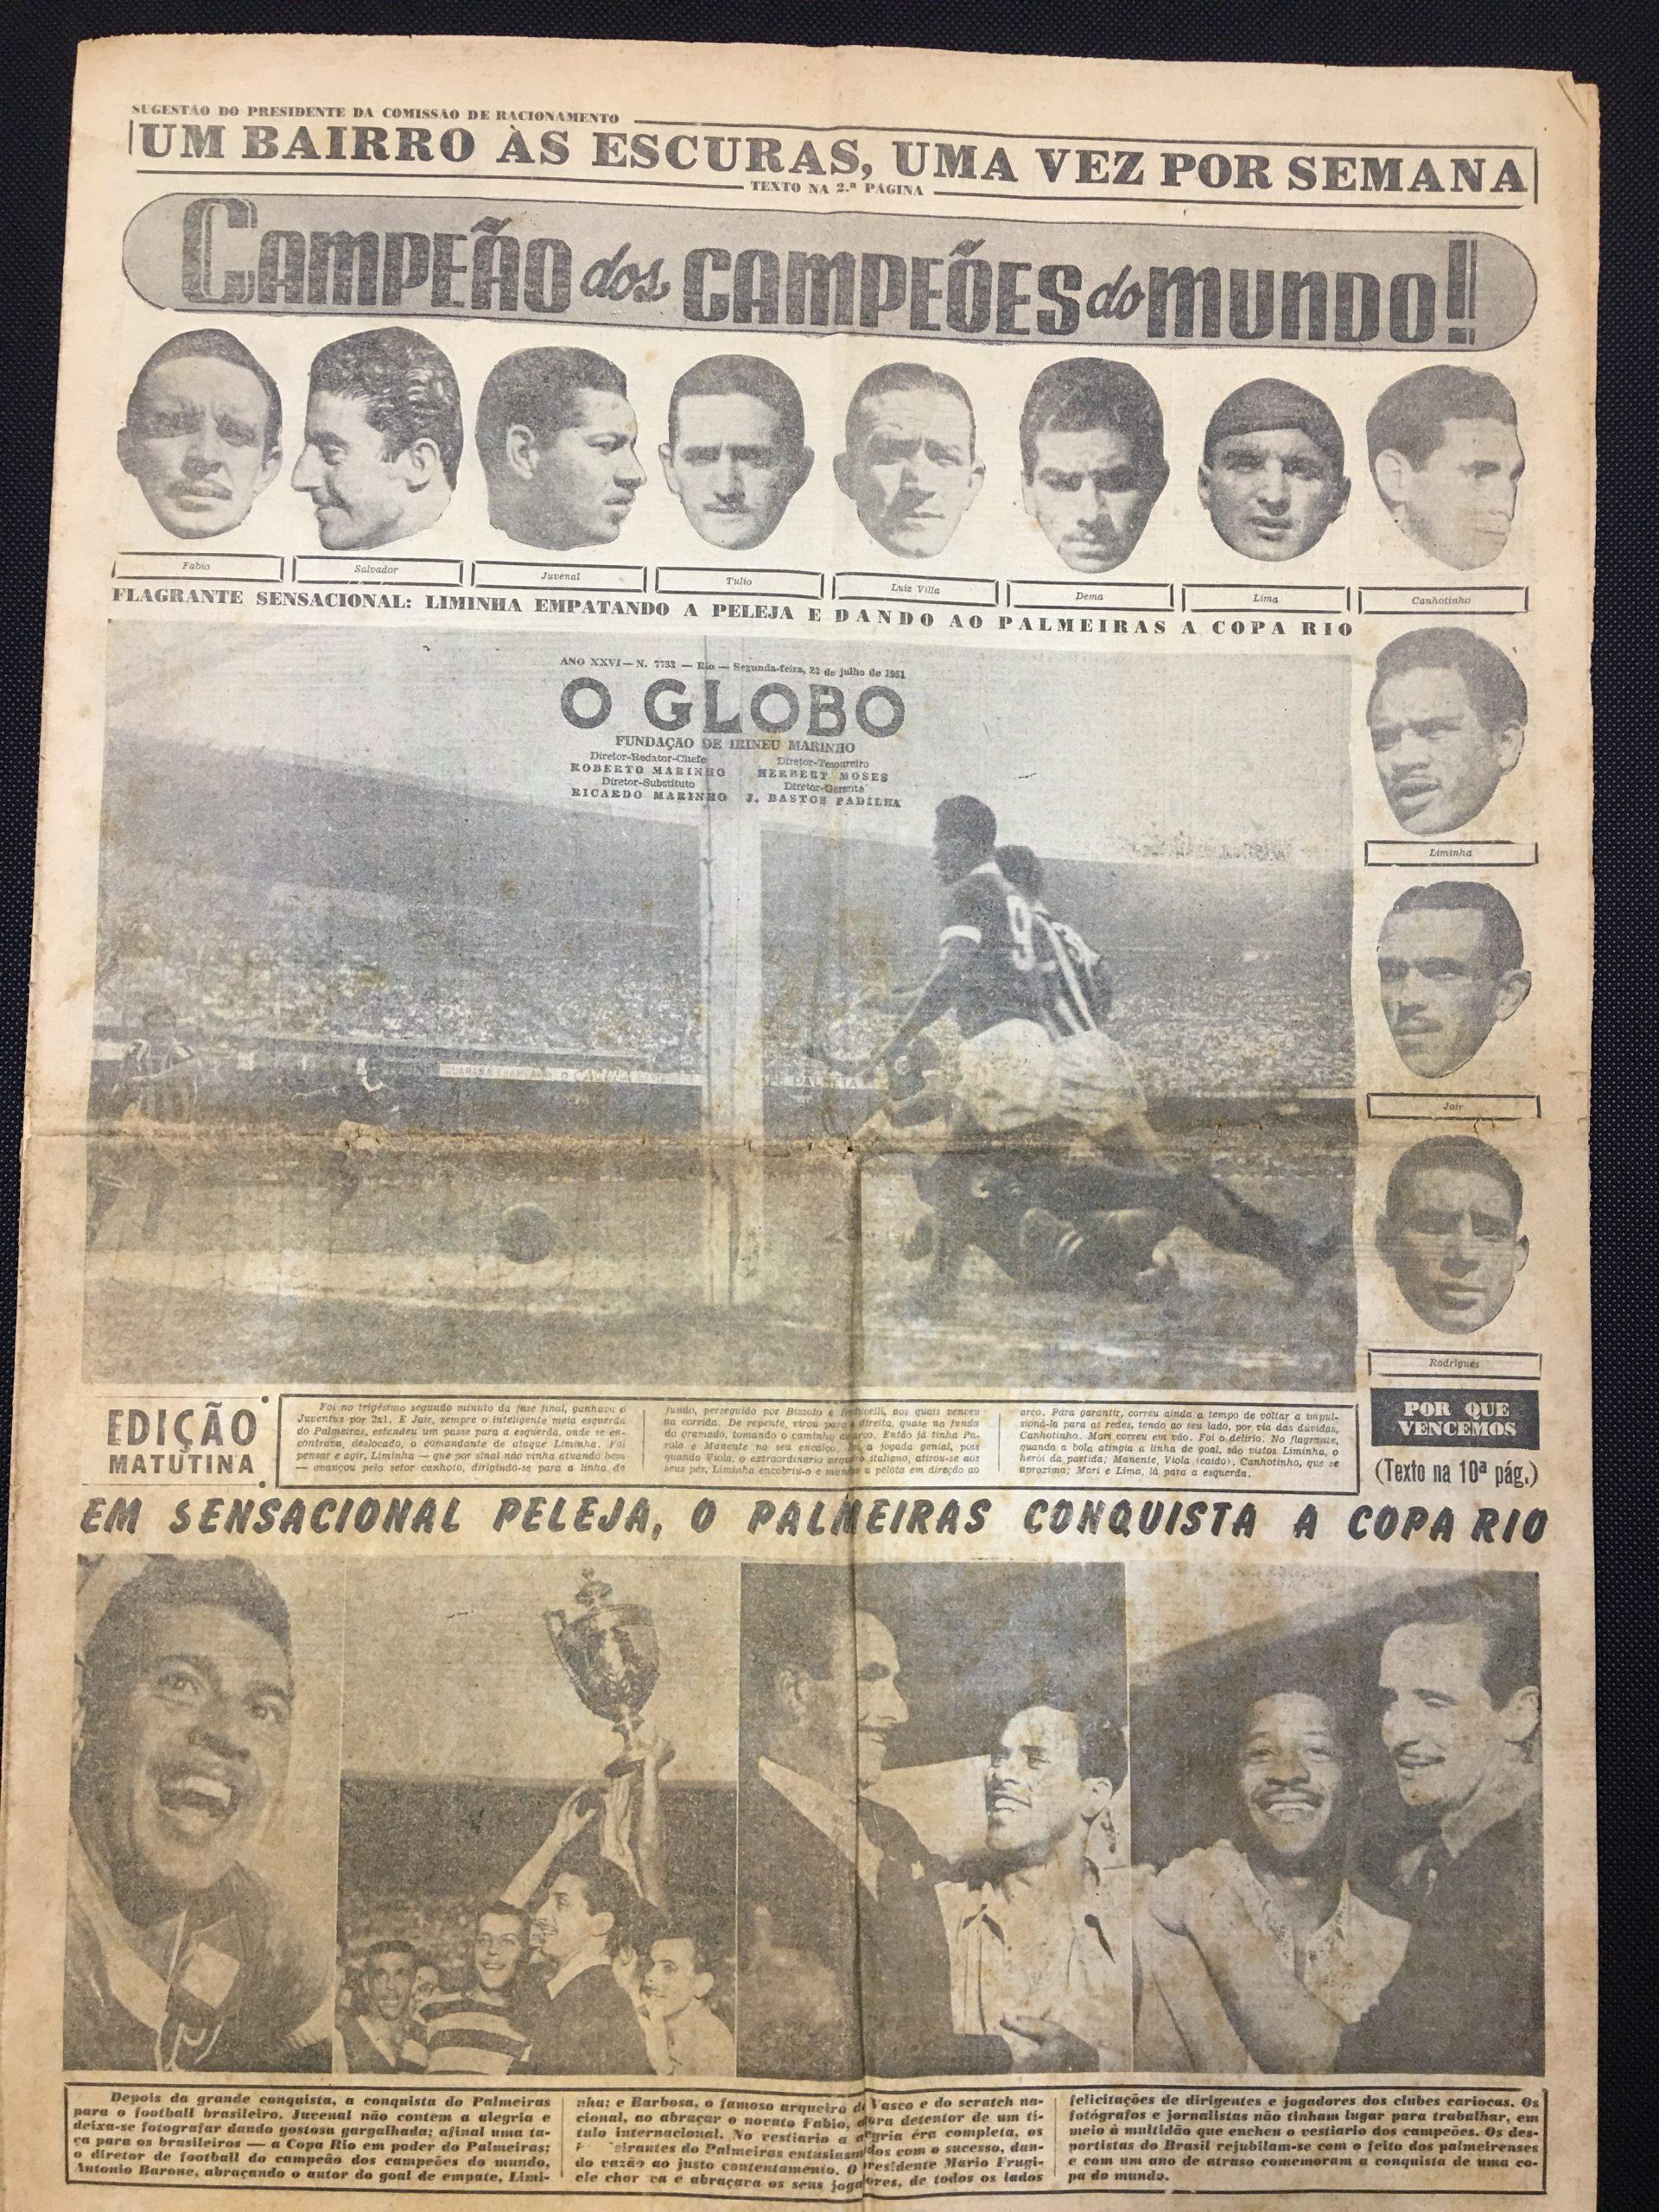 Página do jornal O Globo